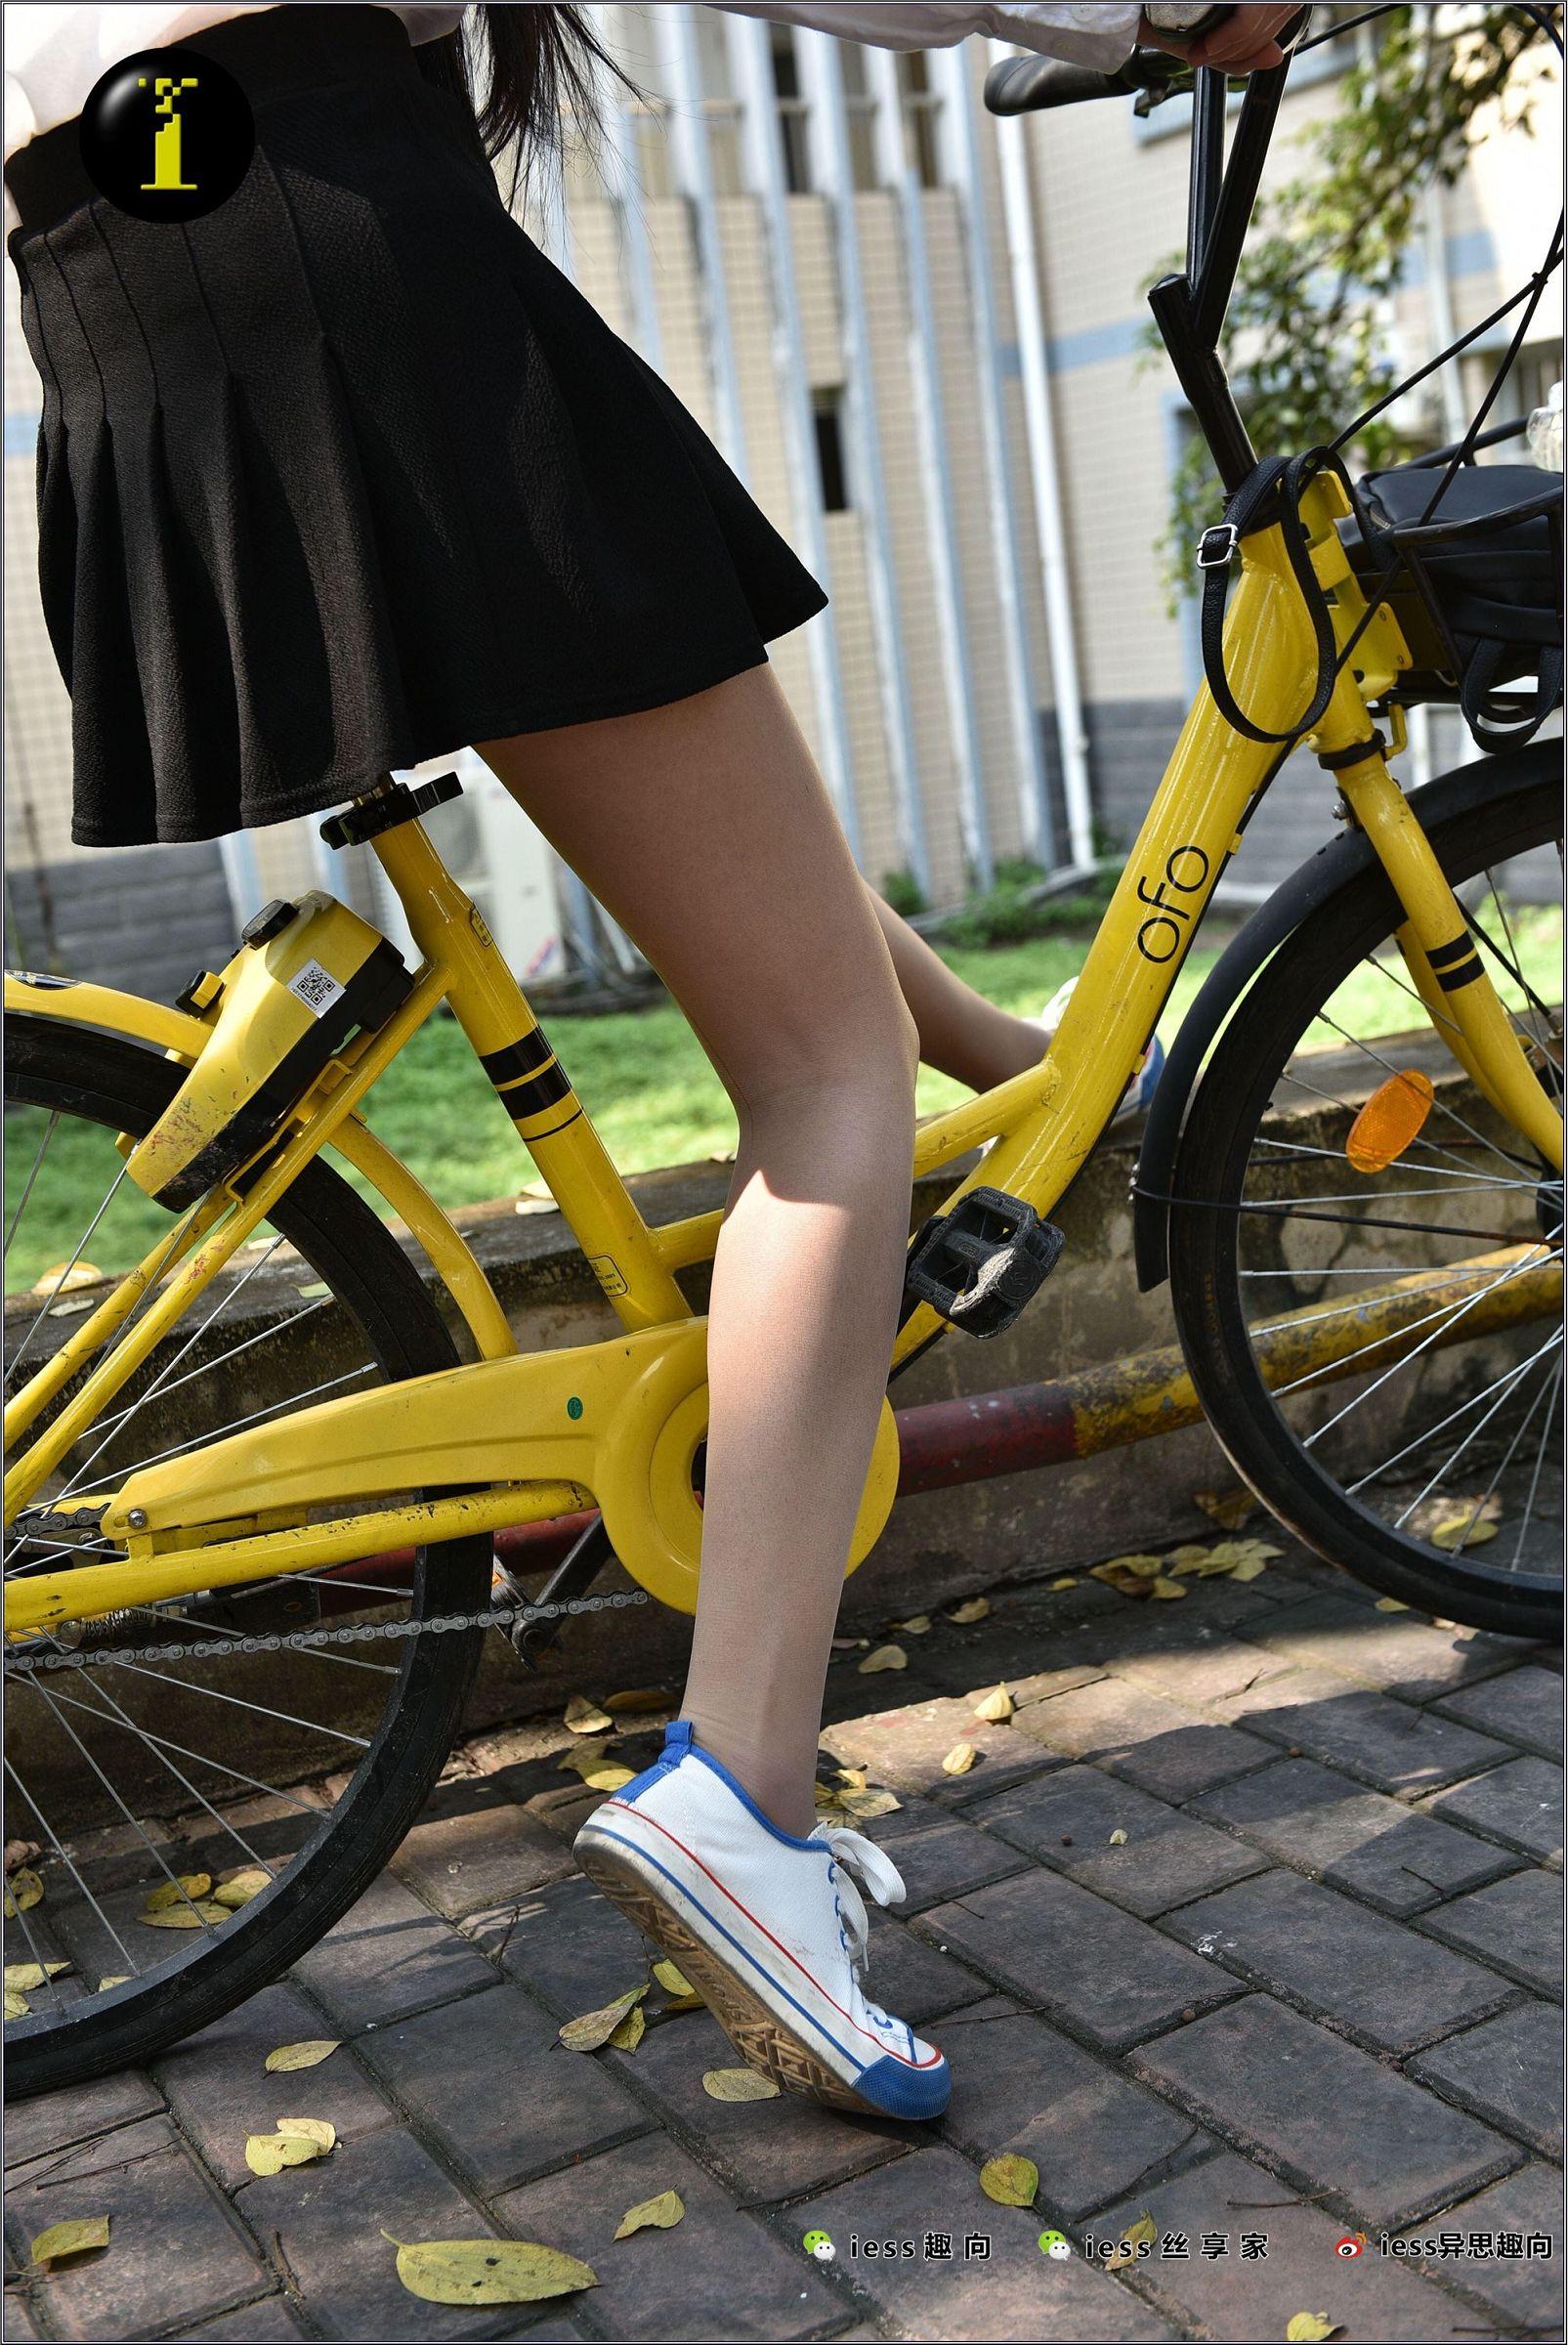 [IESS异思趣向] 普惠集 033 琪琪 16岁的单车少女[137P] 异思趣向 第3张